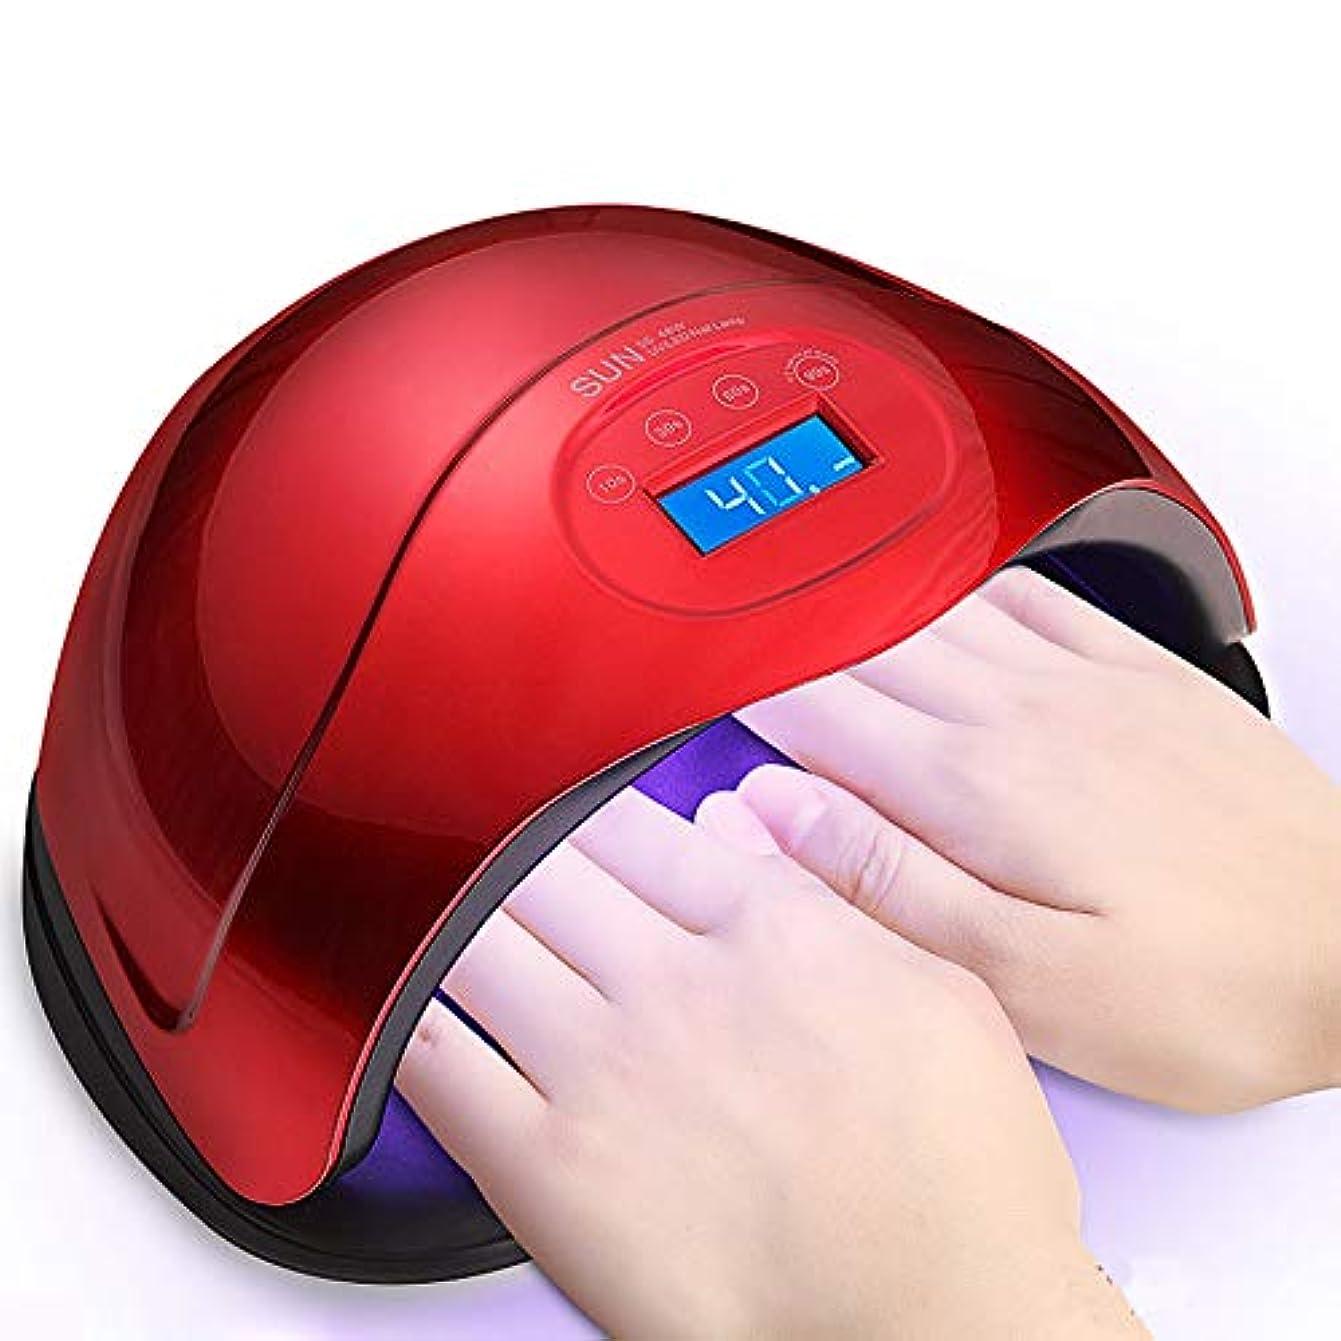 作物東ティモール近々48W LCDディスプレイ付 LED+UV二重光源 ジェルネイル ネイルドライヤー ハイパワー 高速硬化 低ヒート機能 4段階タイマー (レッド)